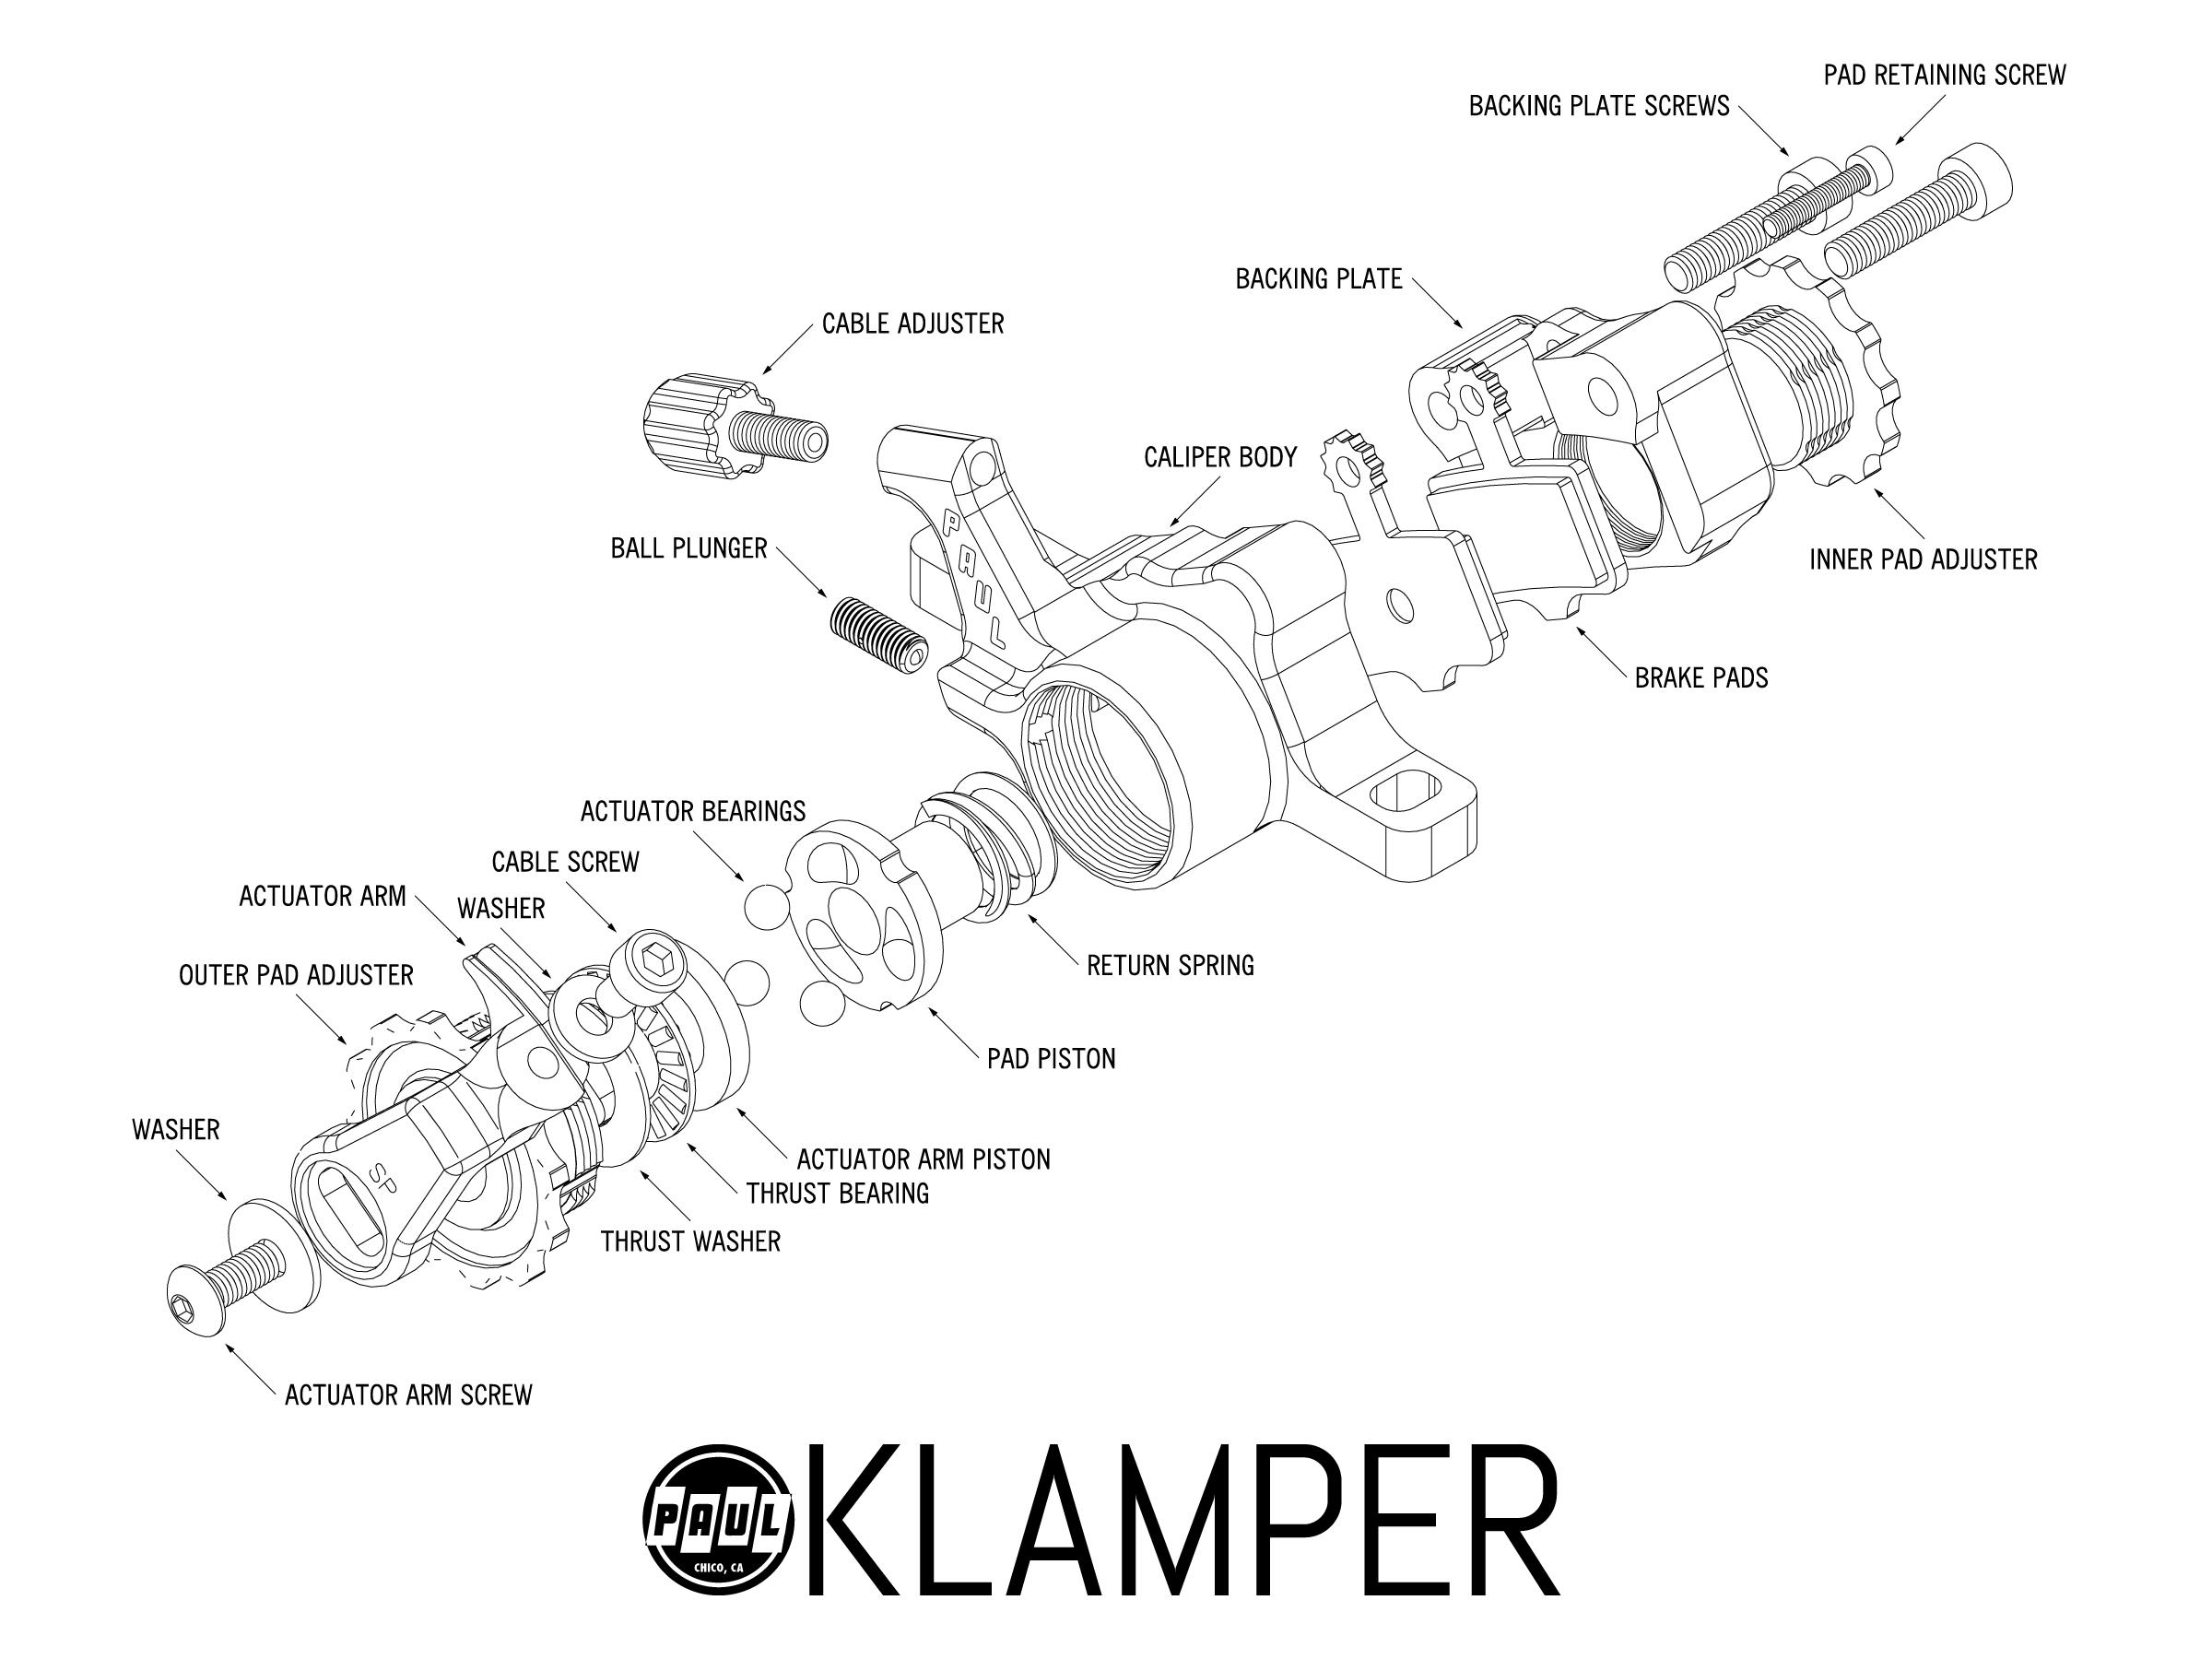 I.S. Klamper